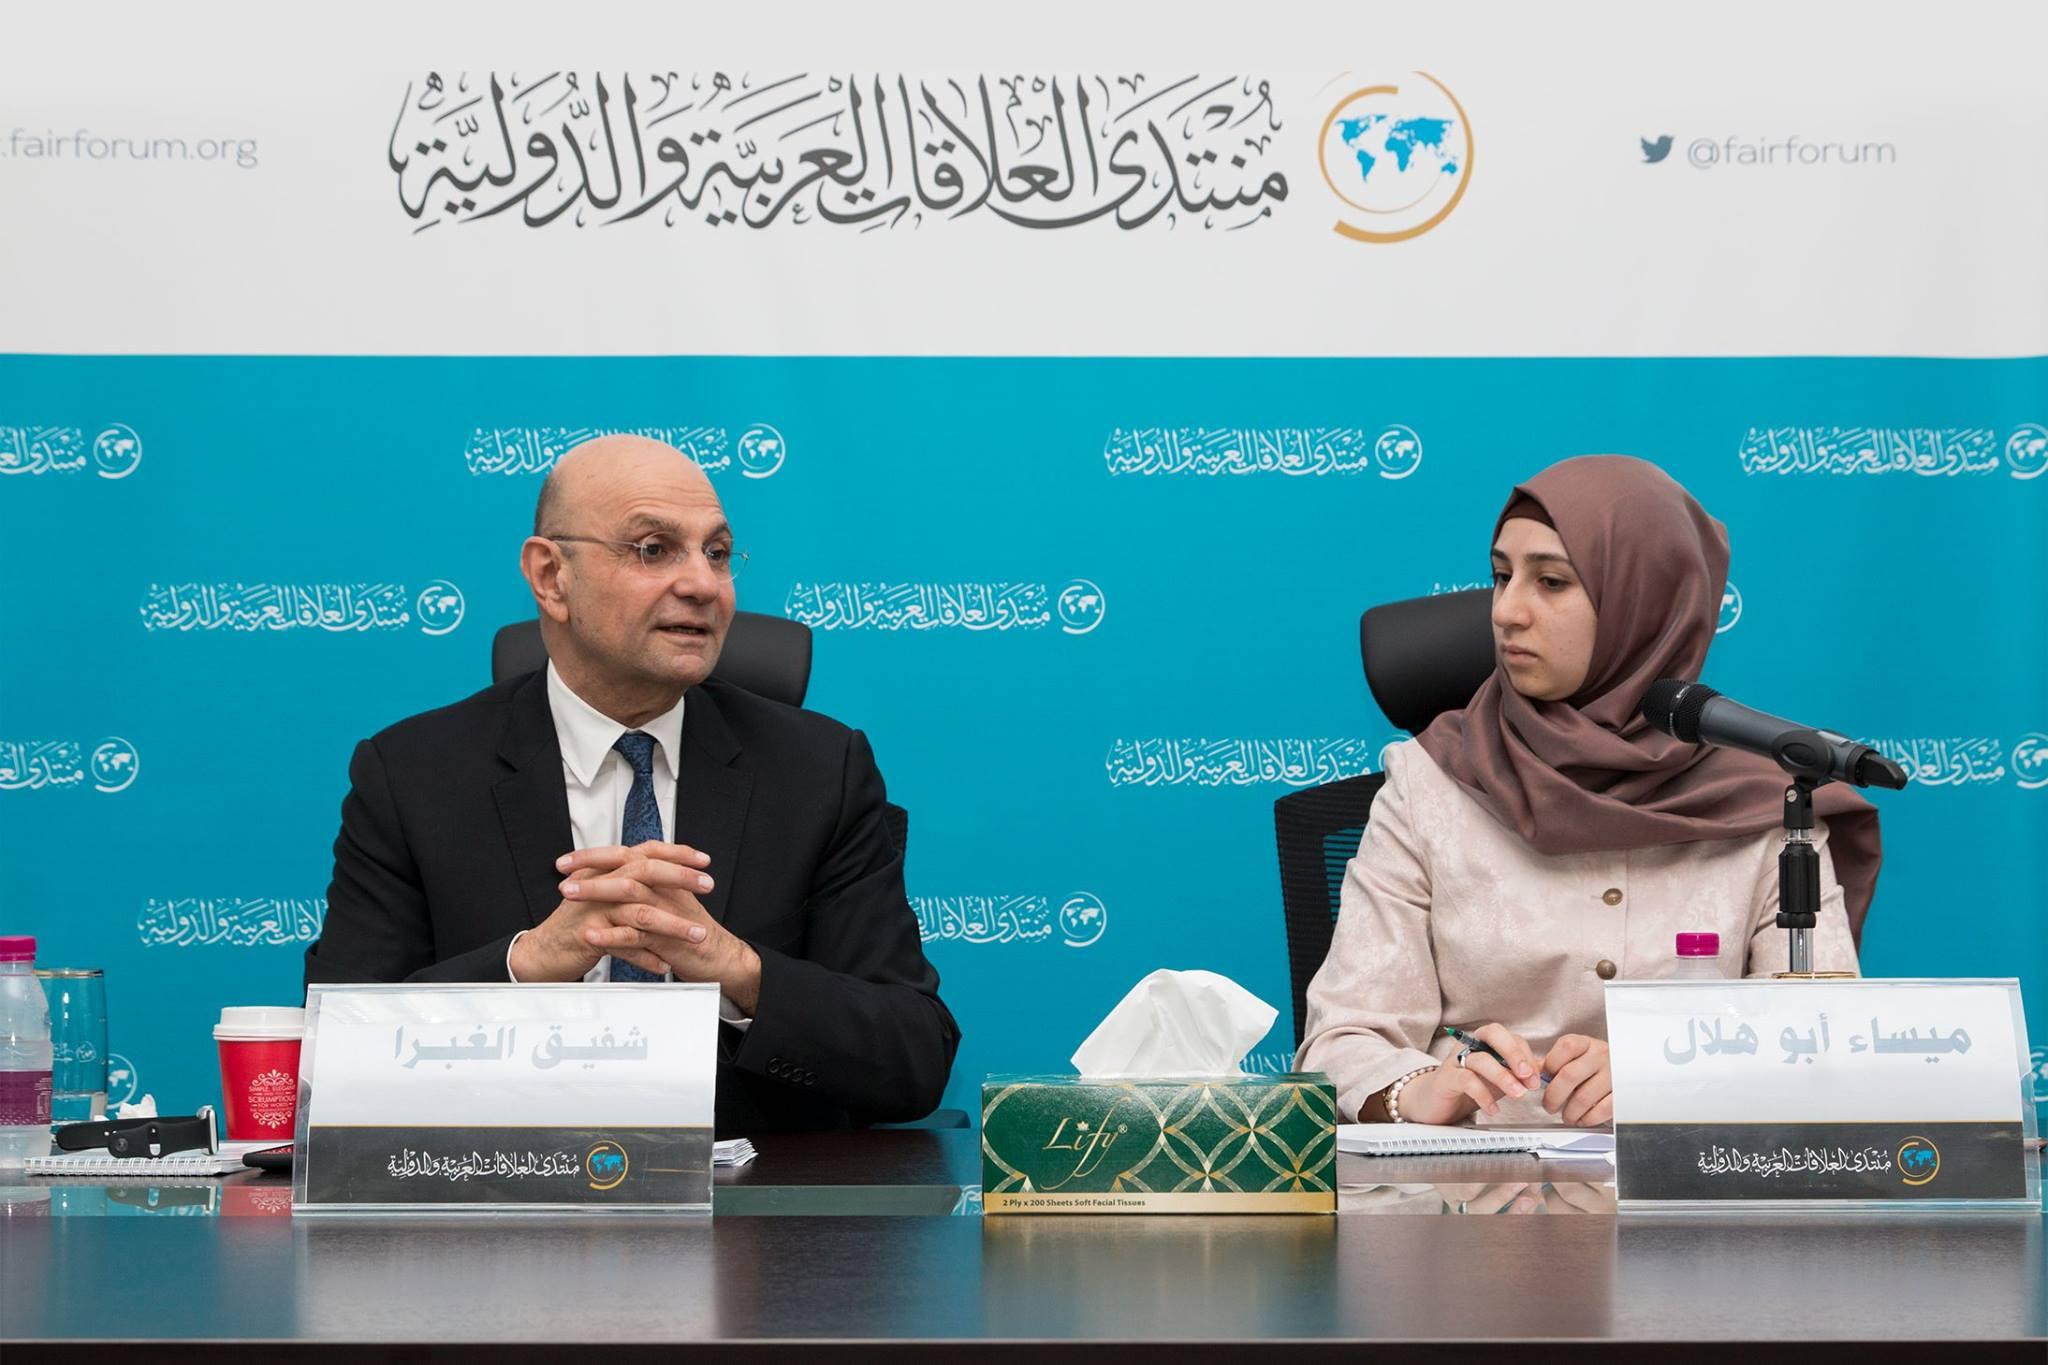 محاضرة: فلسطين في خارطة الربيع العربي - د.شفيق الغبرا